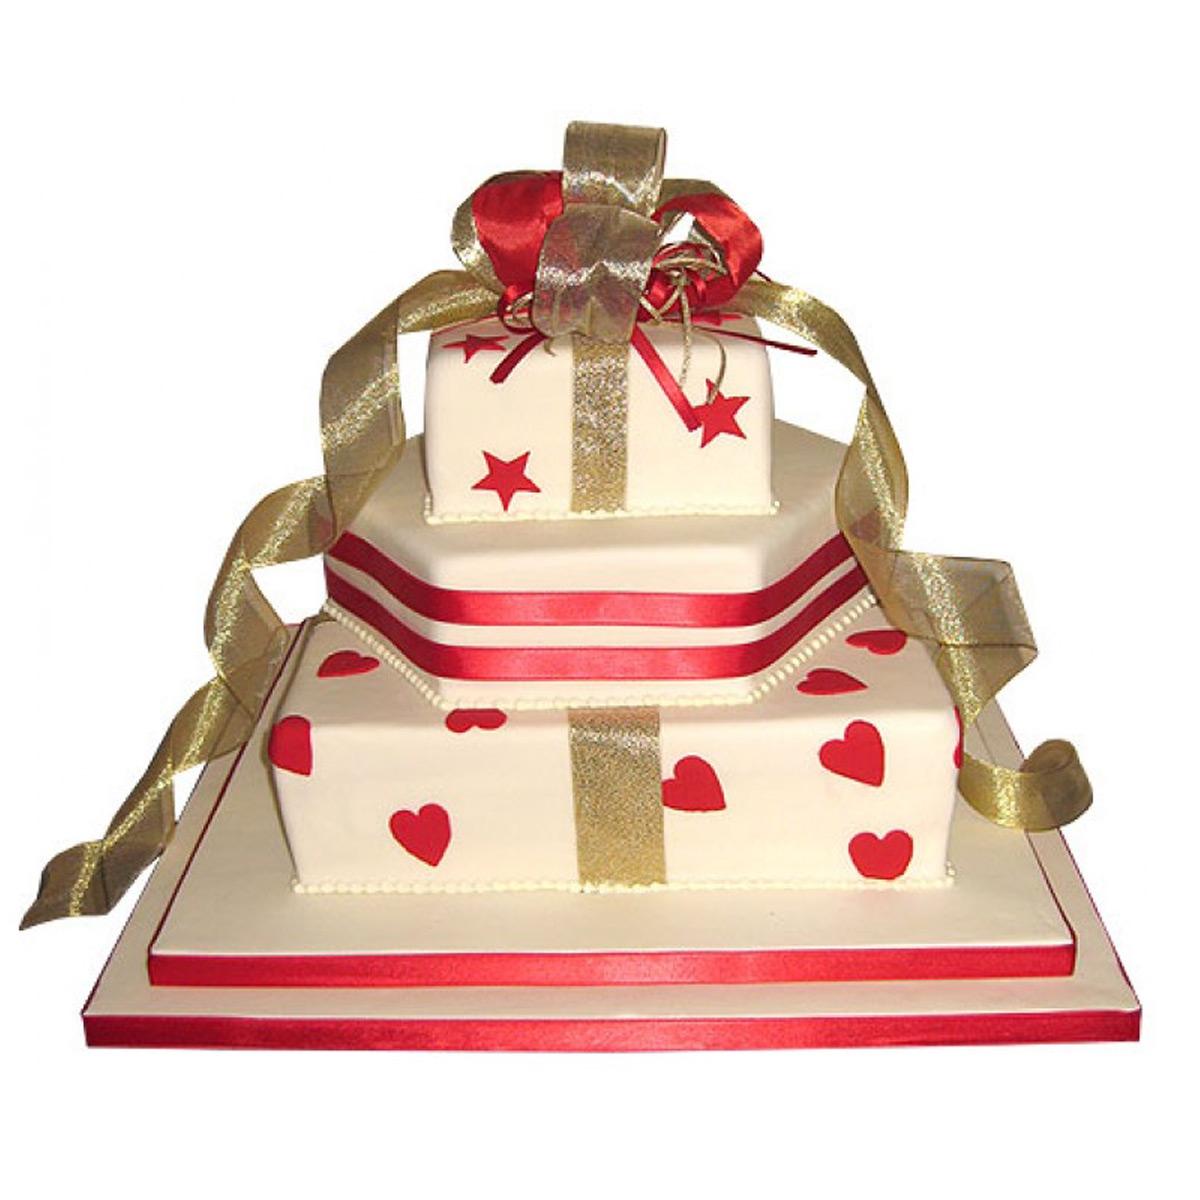 Parcels Wedding Cake